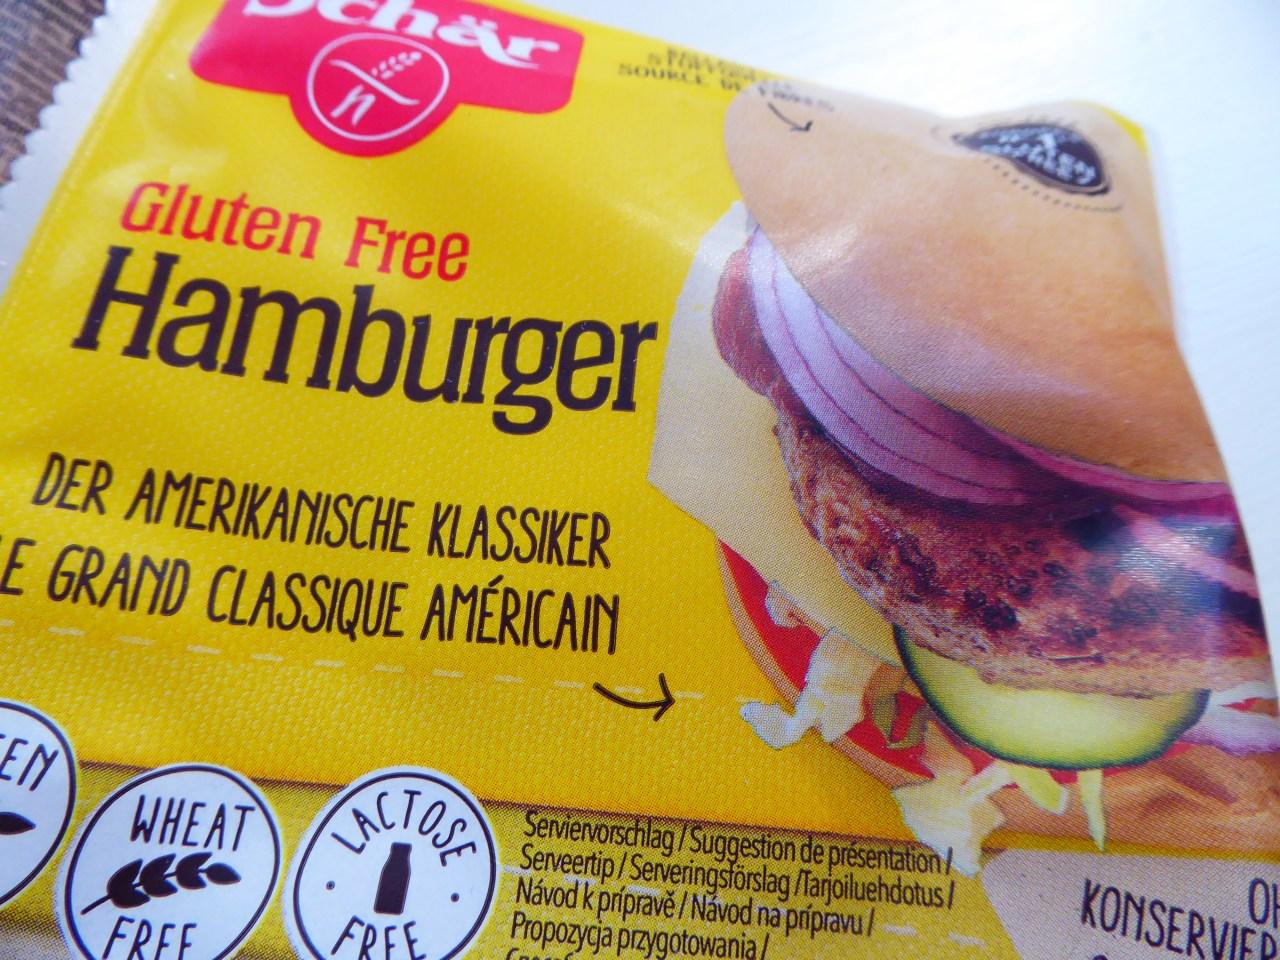 Glutenfrie hamburgerbrød